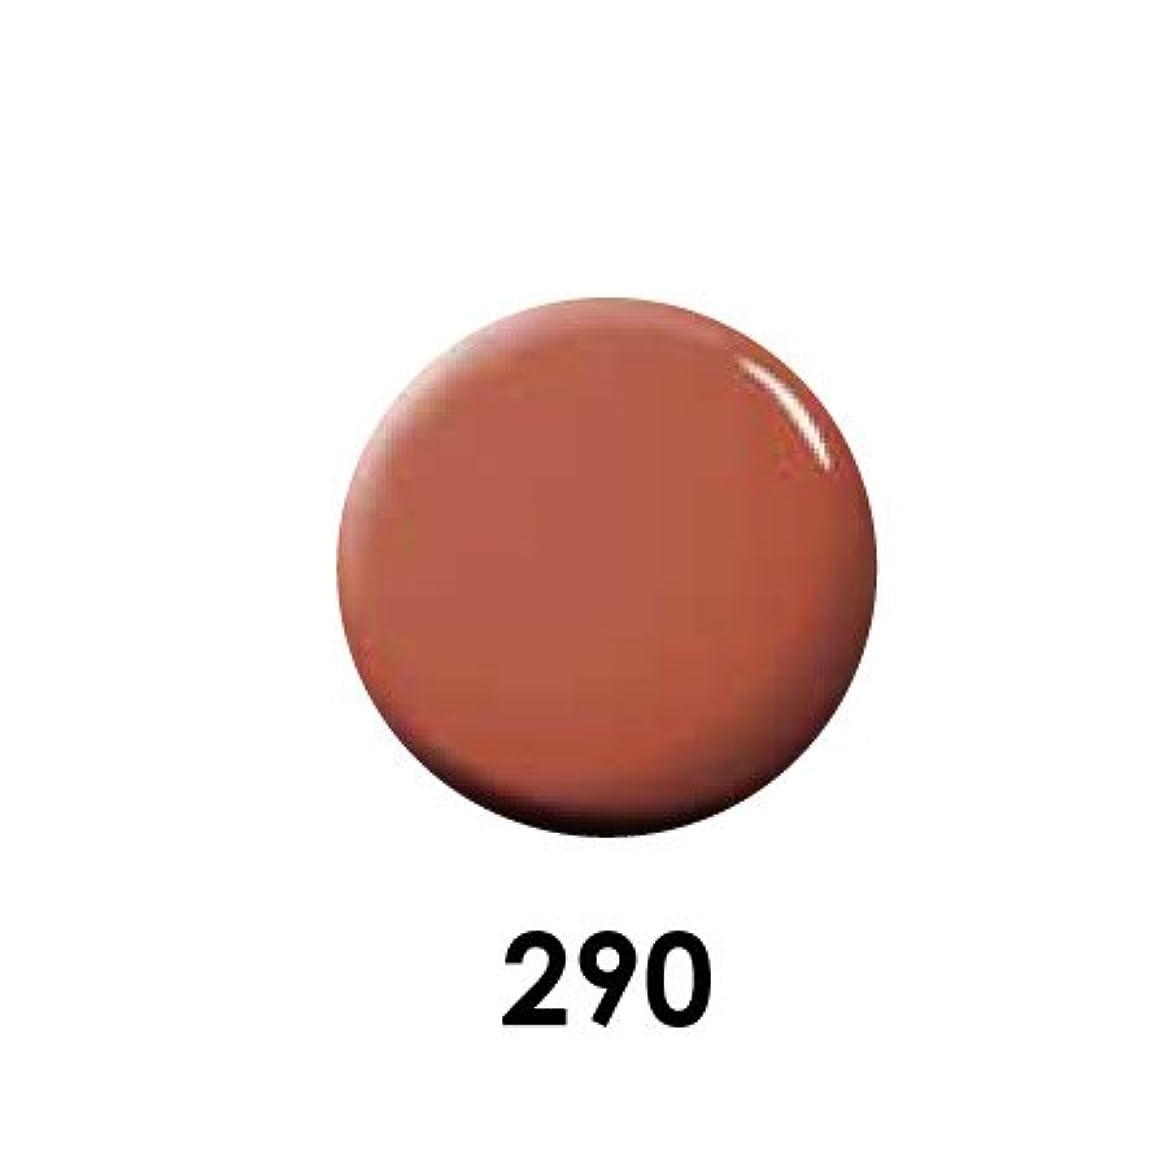 平手打ち指療法Putiel プティール カラージェル 290 レッドソイル 2g (MARIEプロデュース)